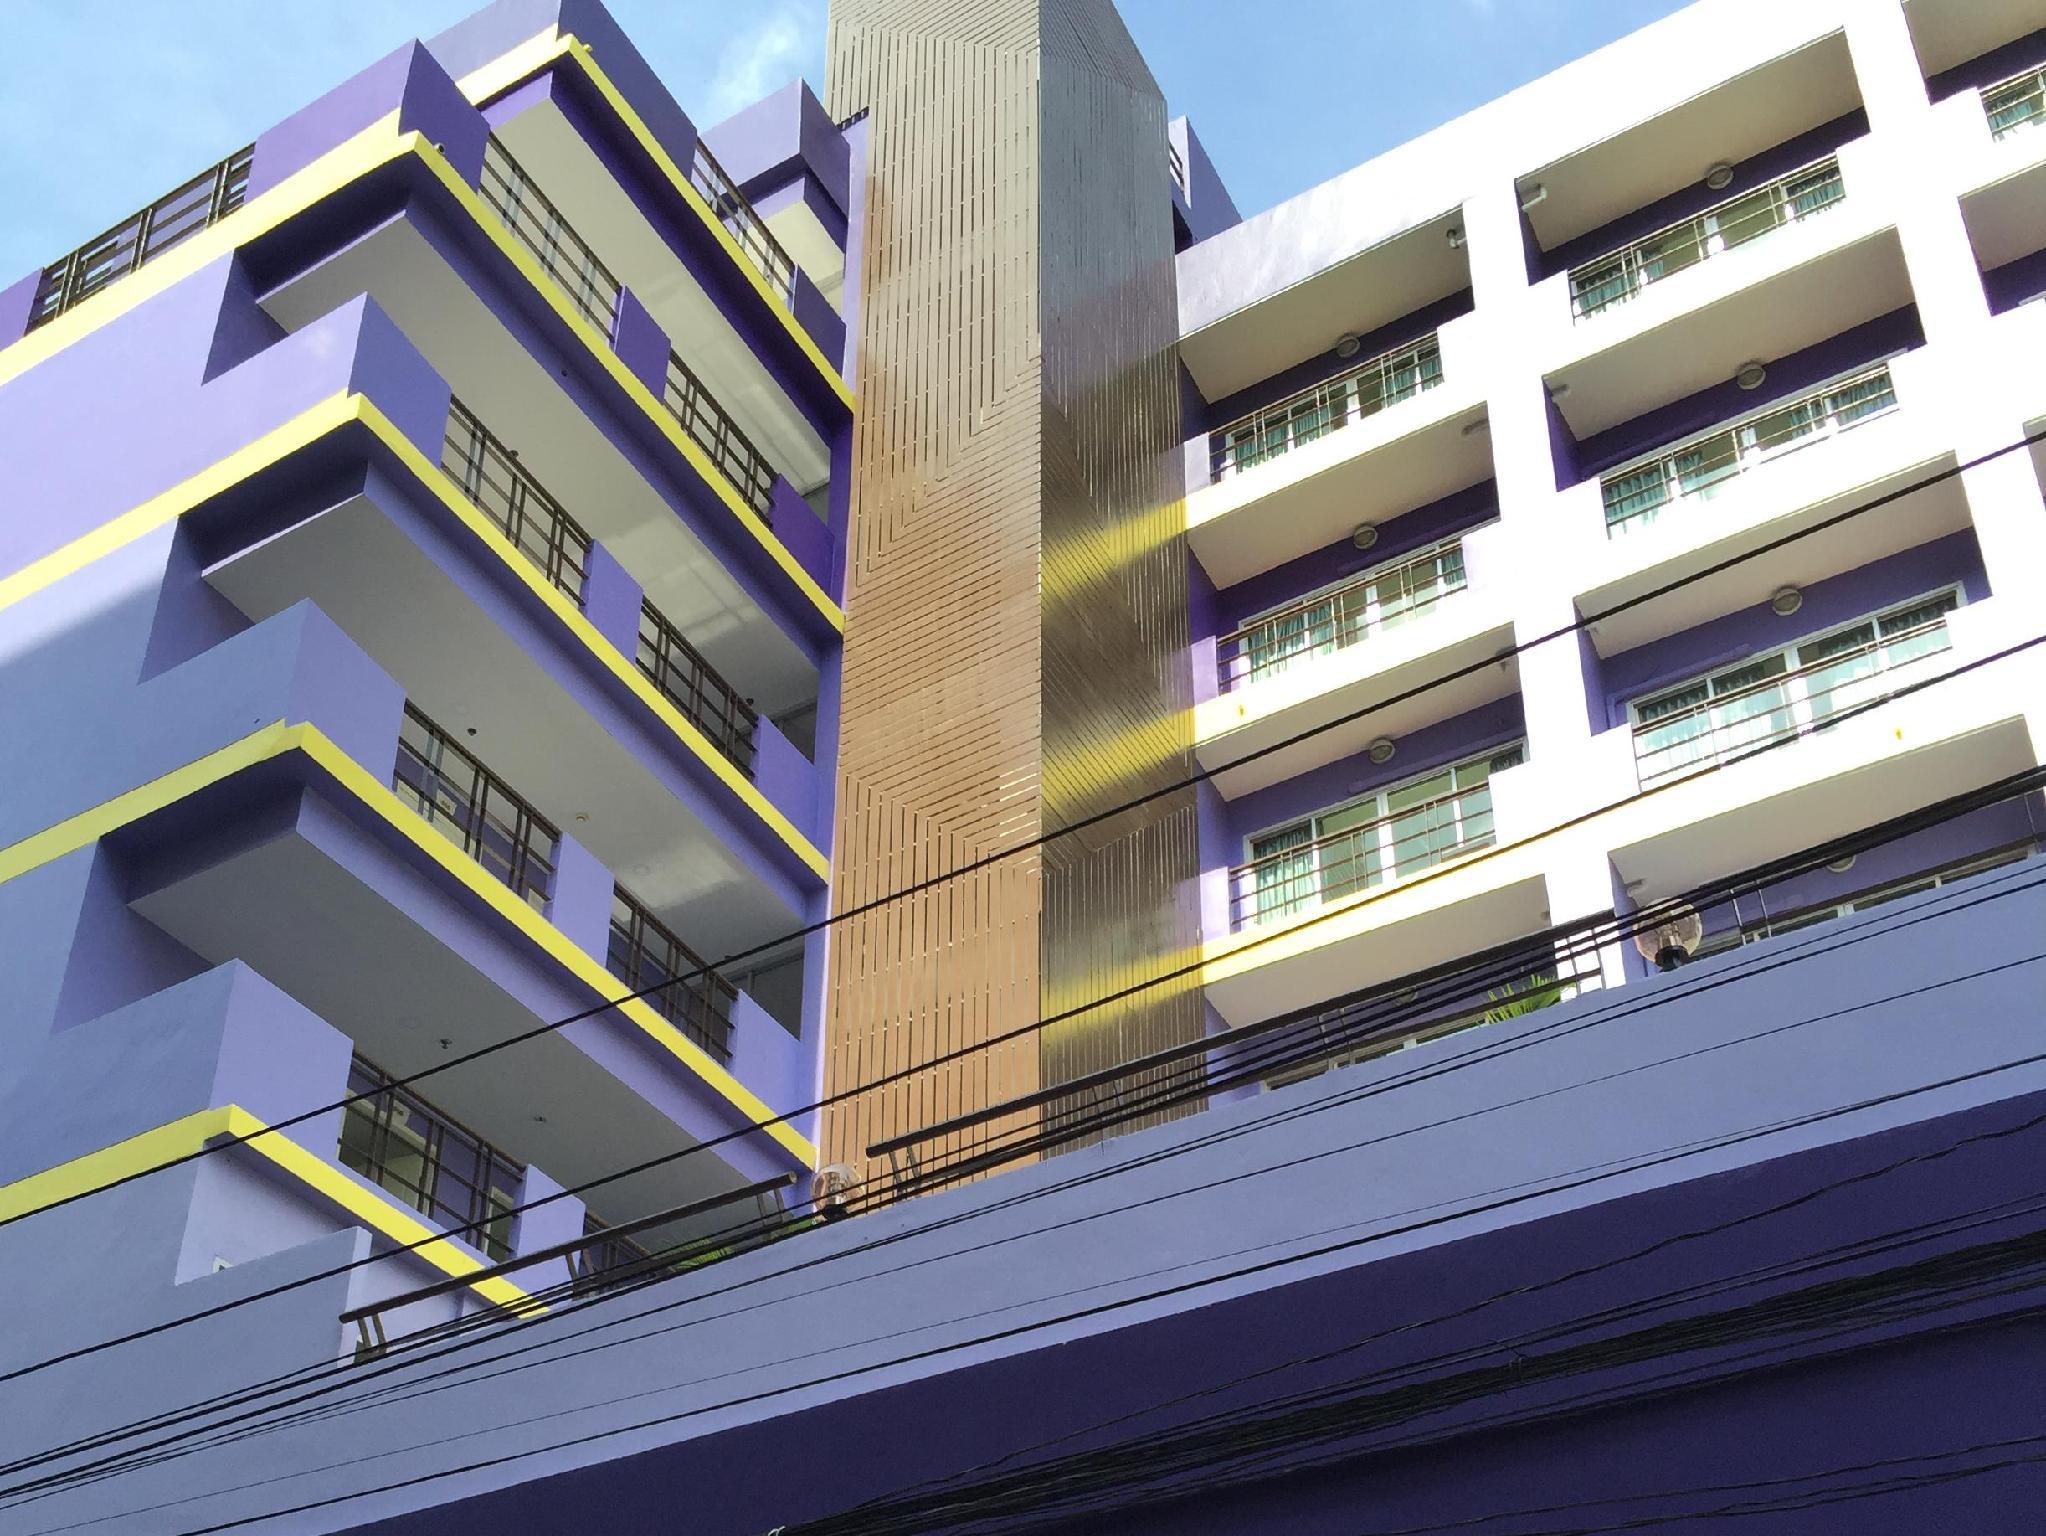 โรงแรมอิสตินี่ เรสซิเดนซ์